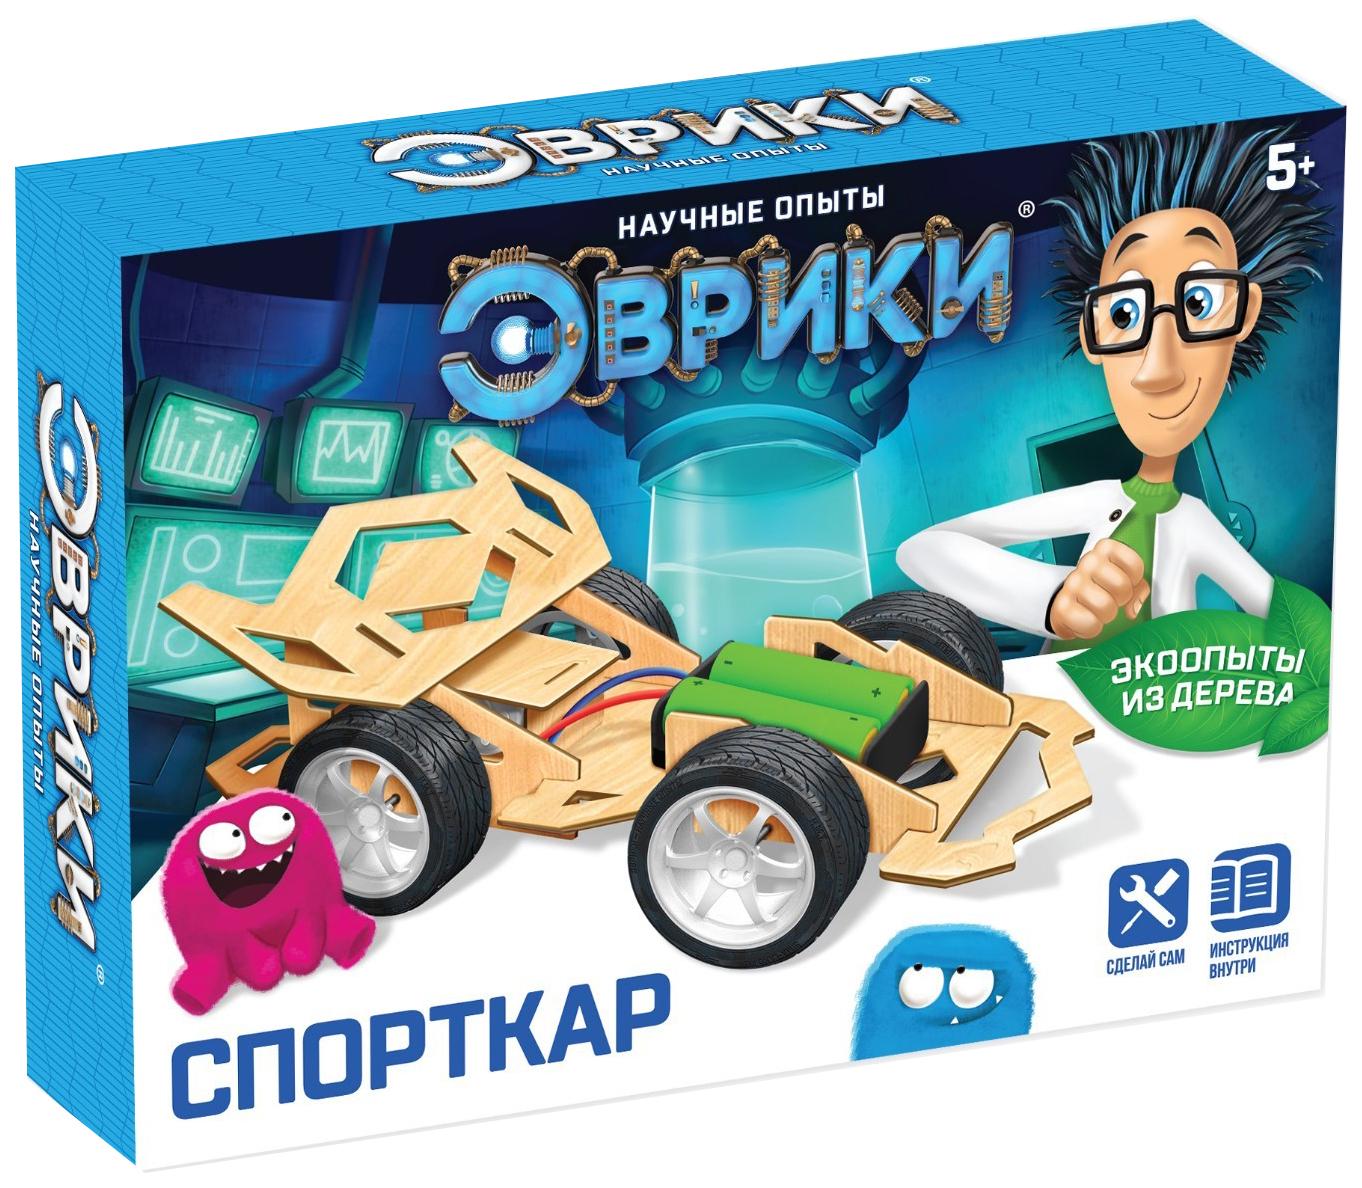 Купить Набор для опытов «Спорткар», работает от батарекк Эврики, Наборы для опытов